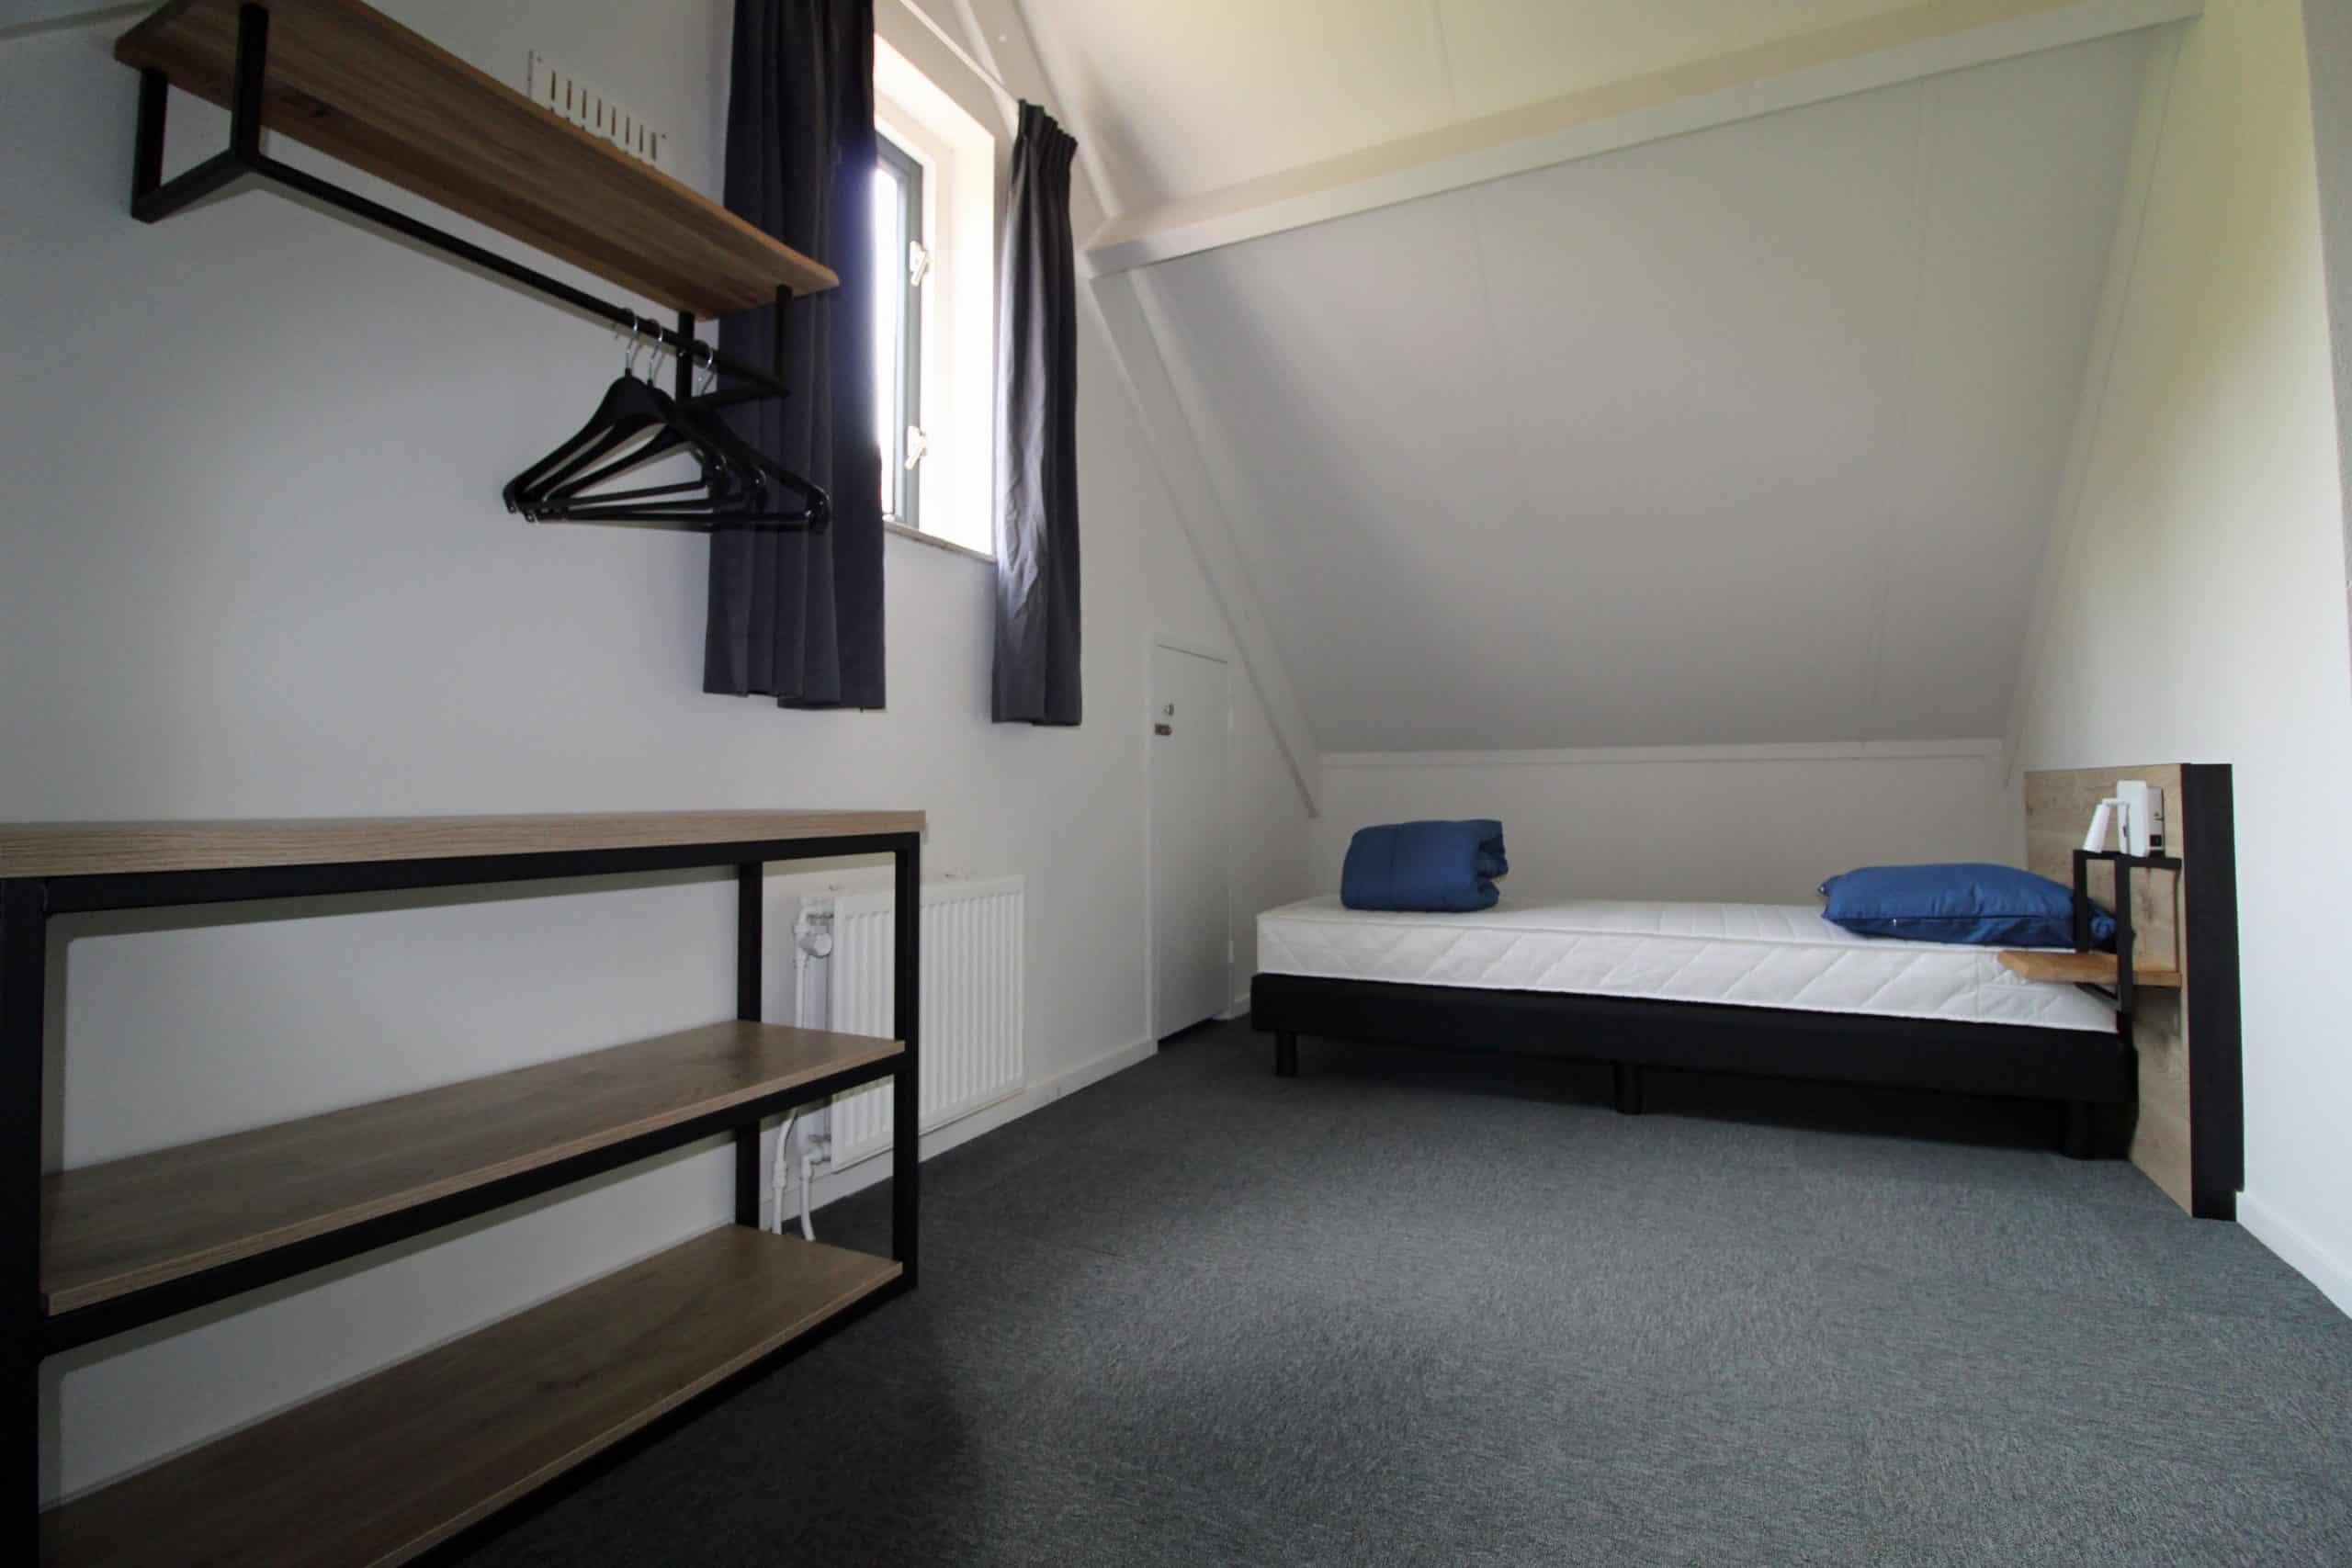 slaapkamer-4p-2